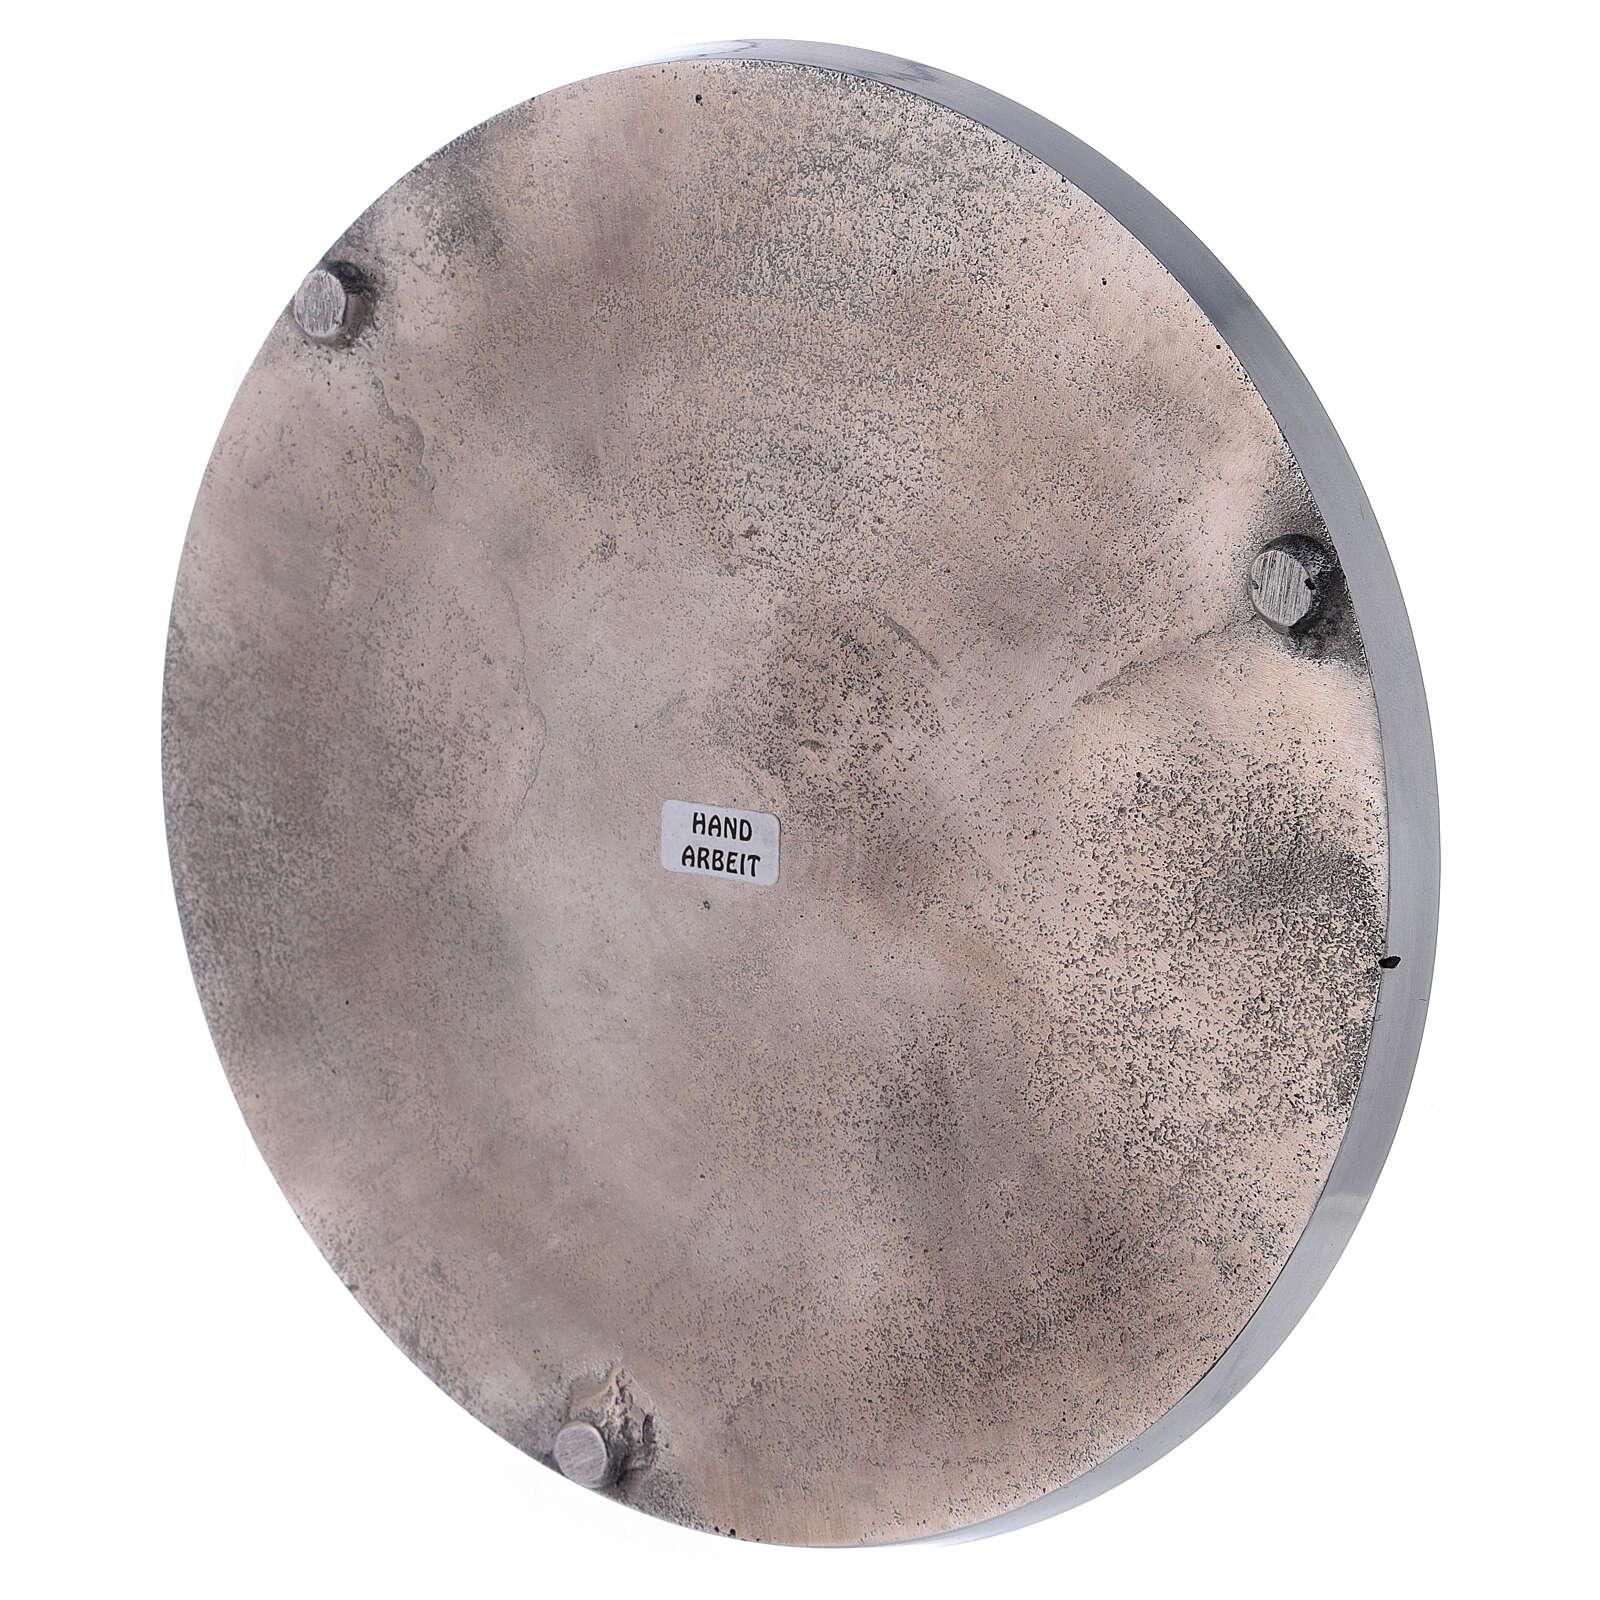 Piatto portacandela 21 cm alluminio bordi rialzati 3